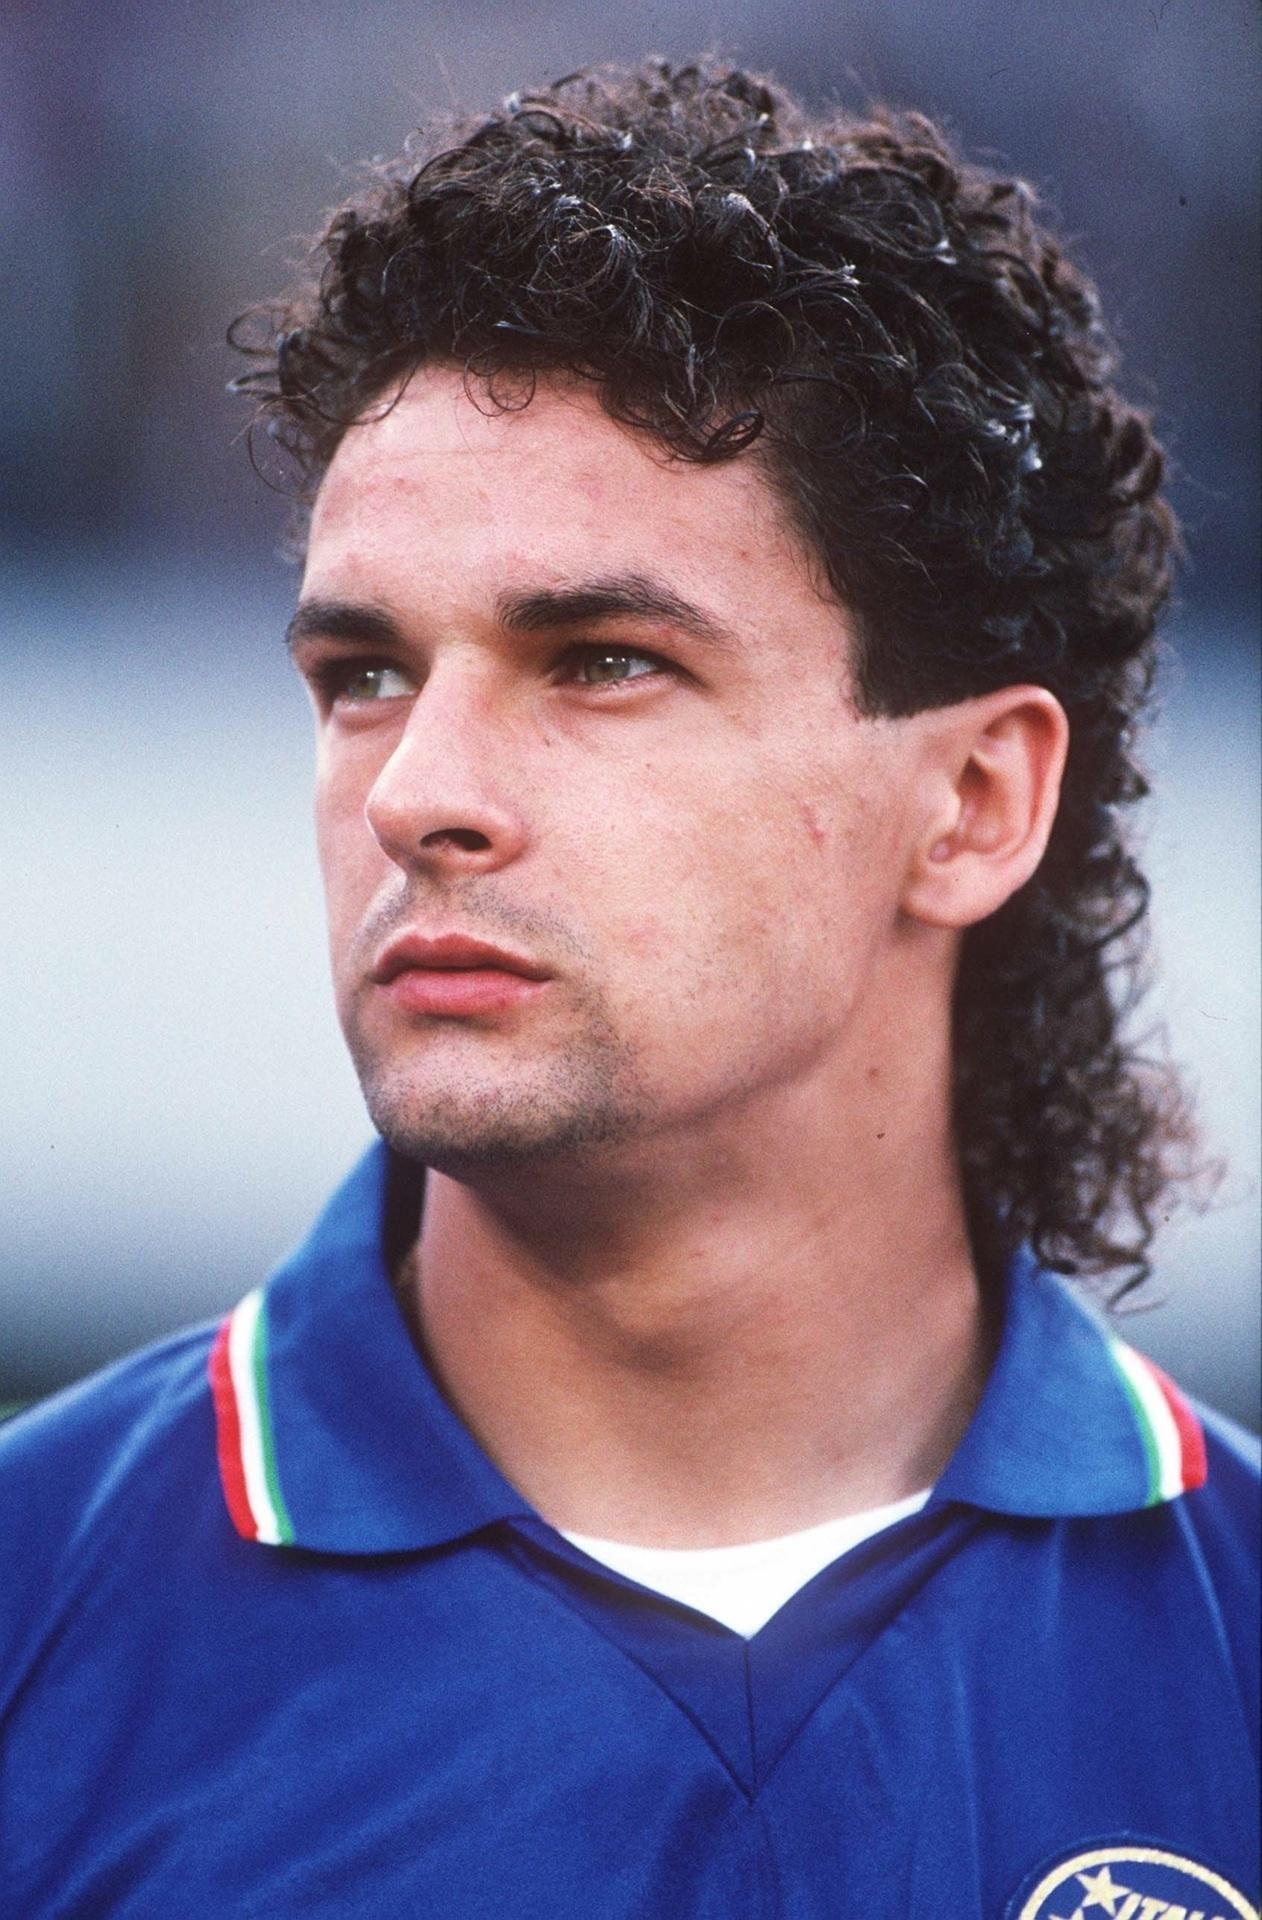 Pin By De O On Juventus Roberto Baggio Legends Football World Football